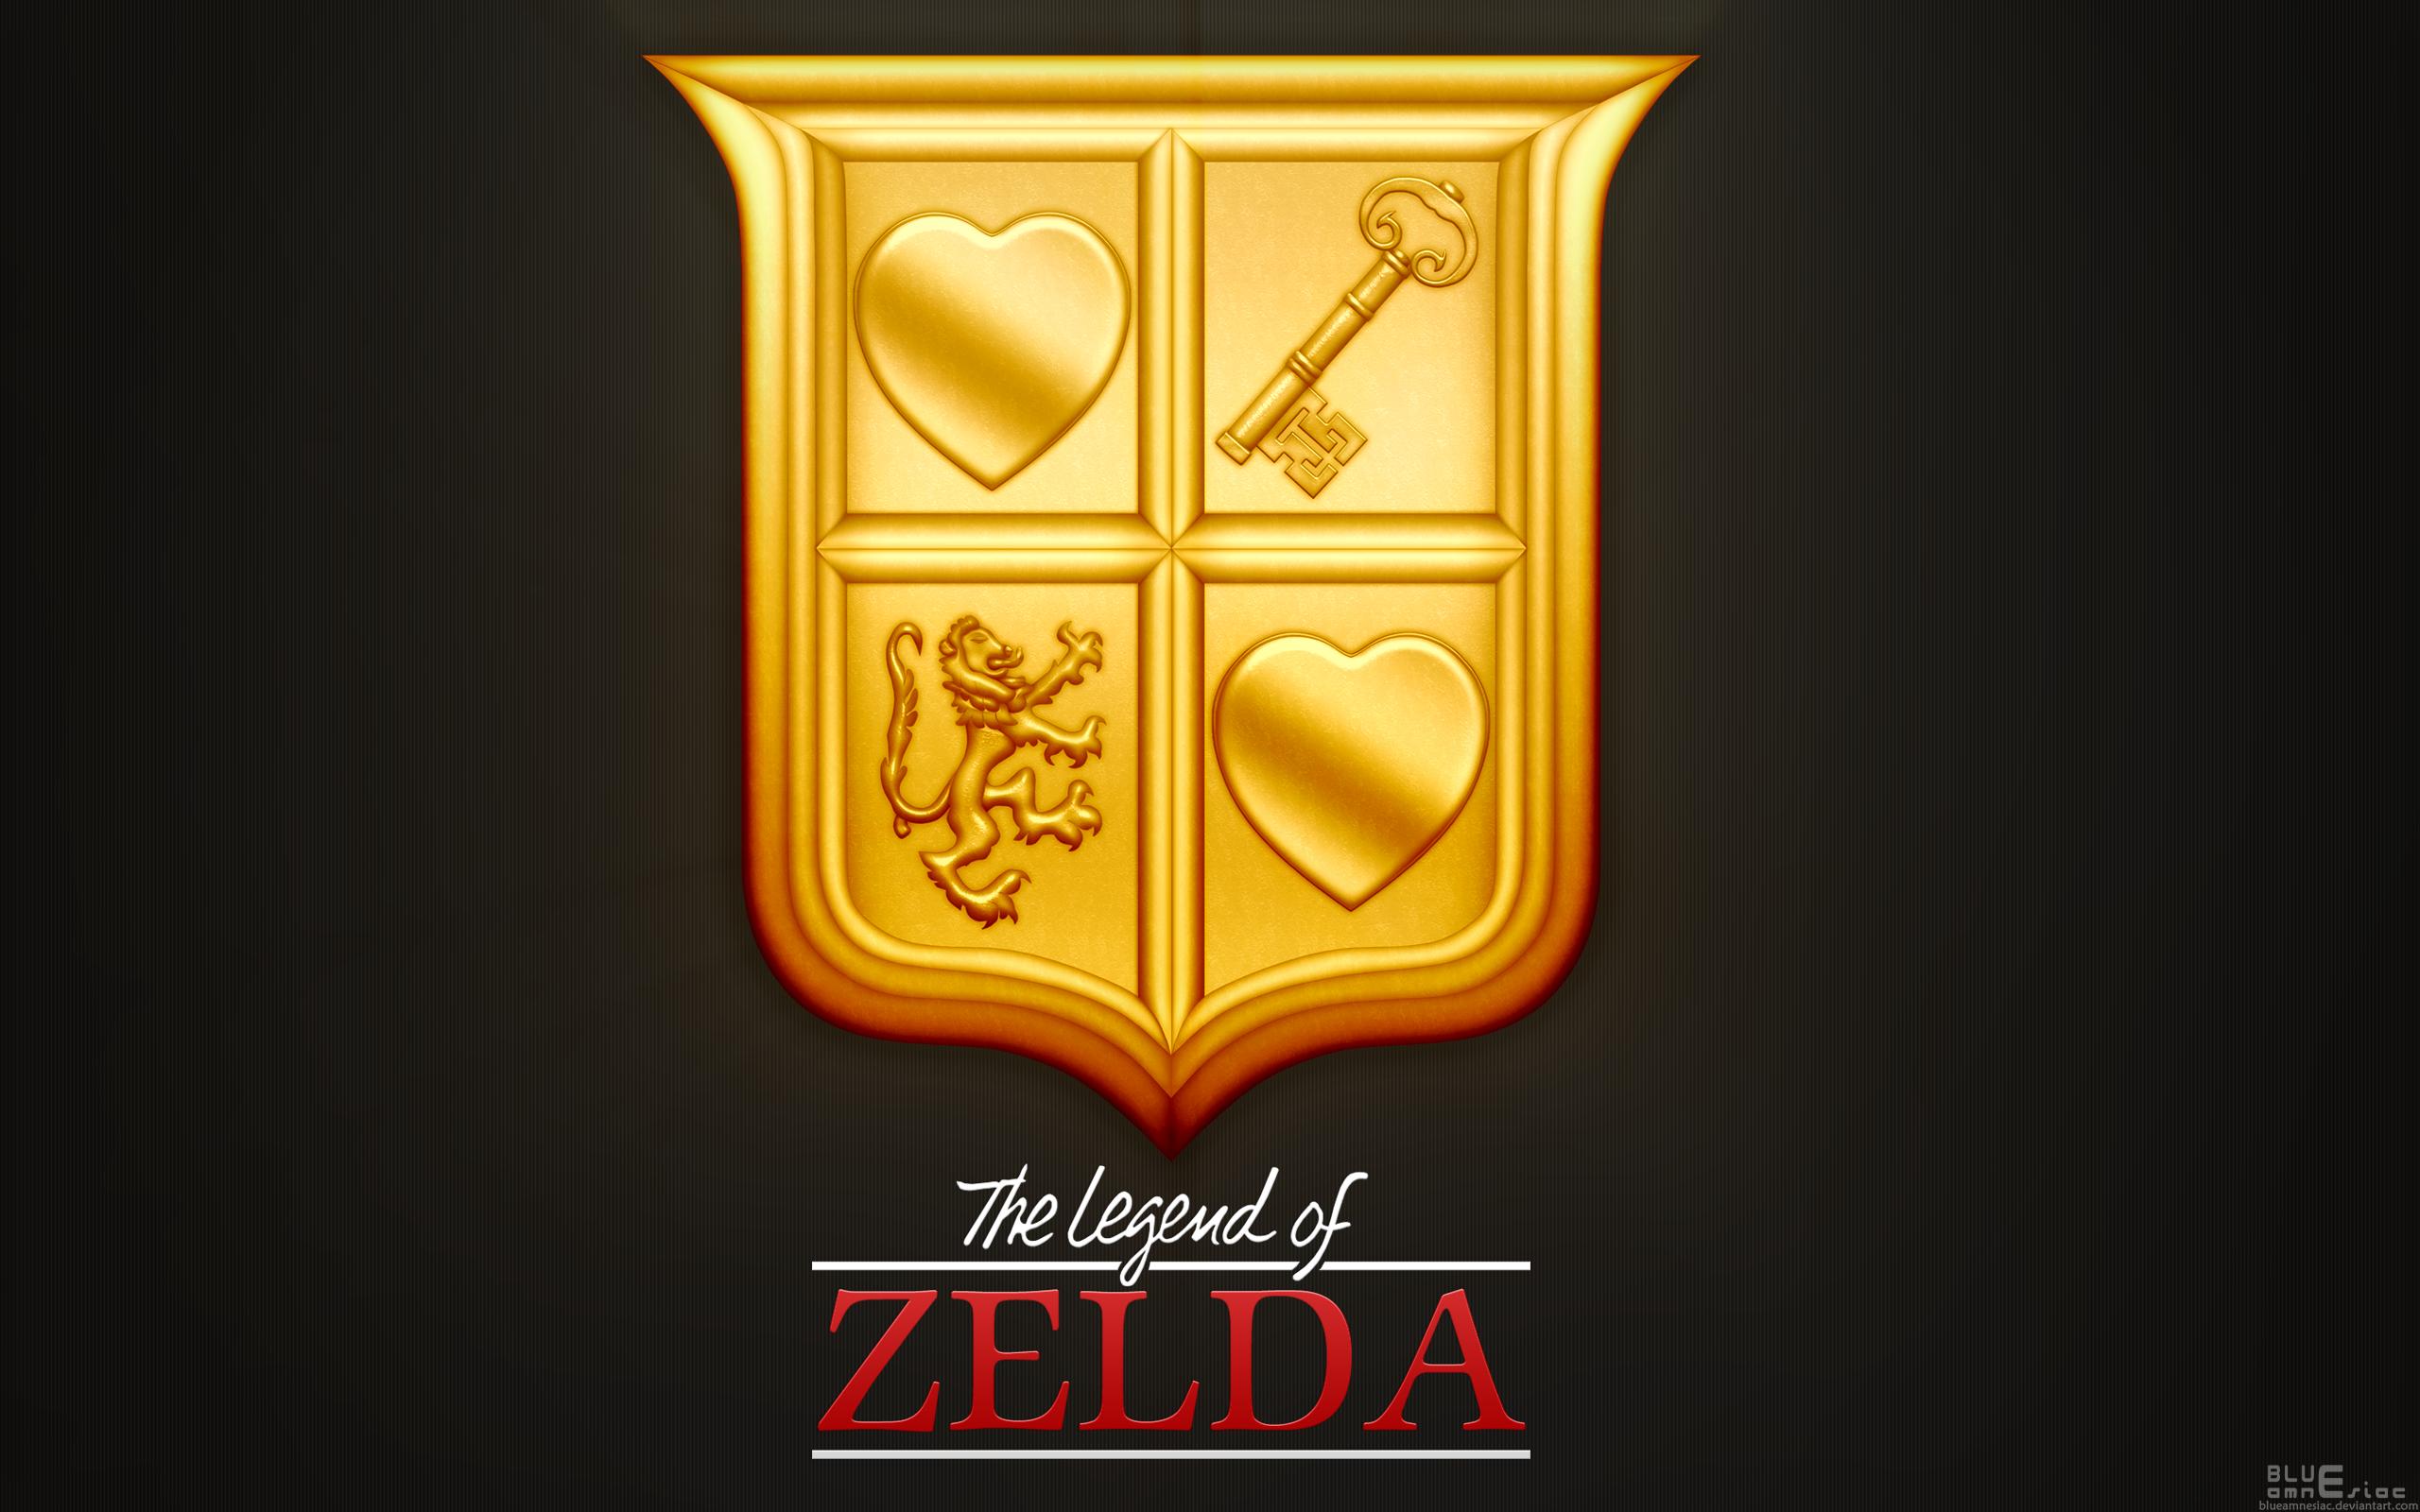 The Legend Of Zelda Widescreen Background